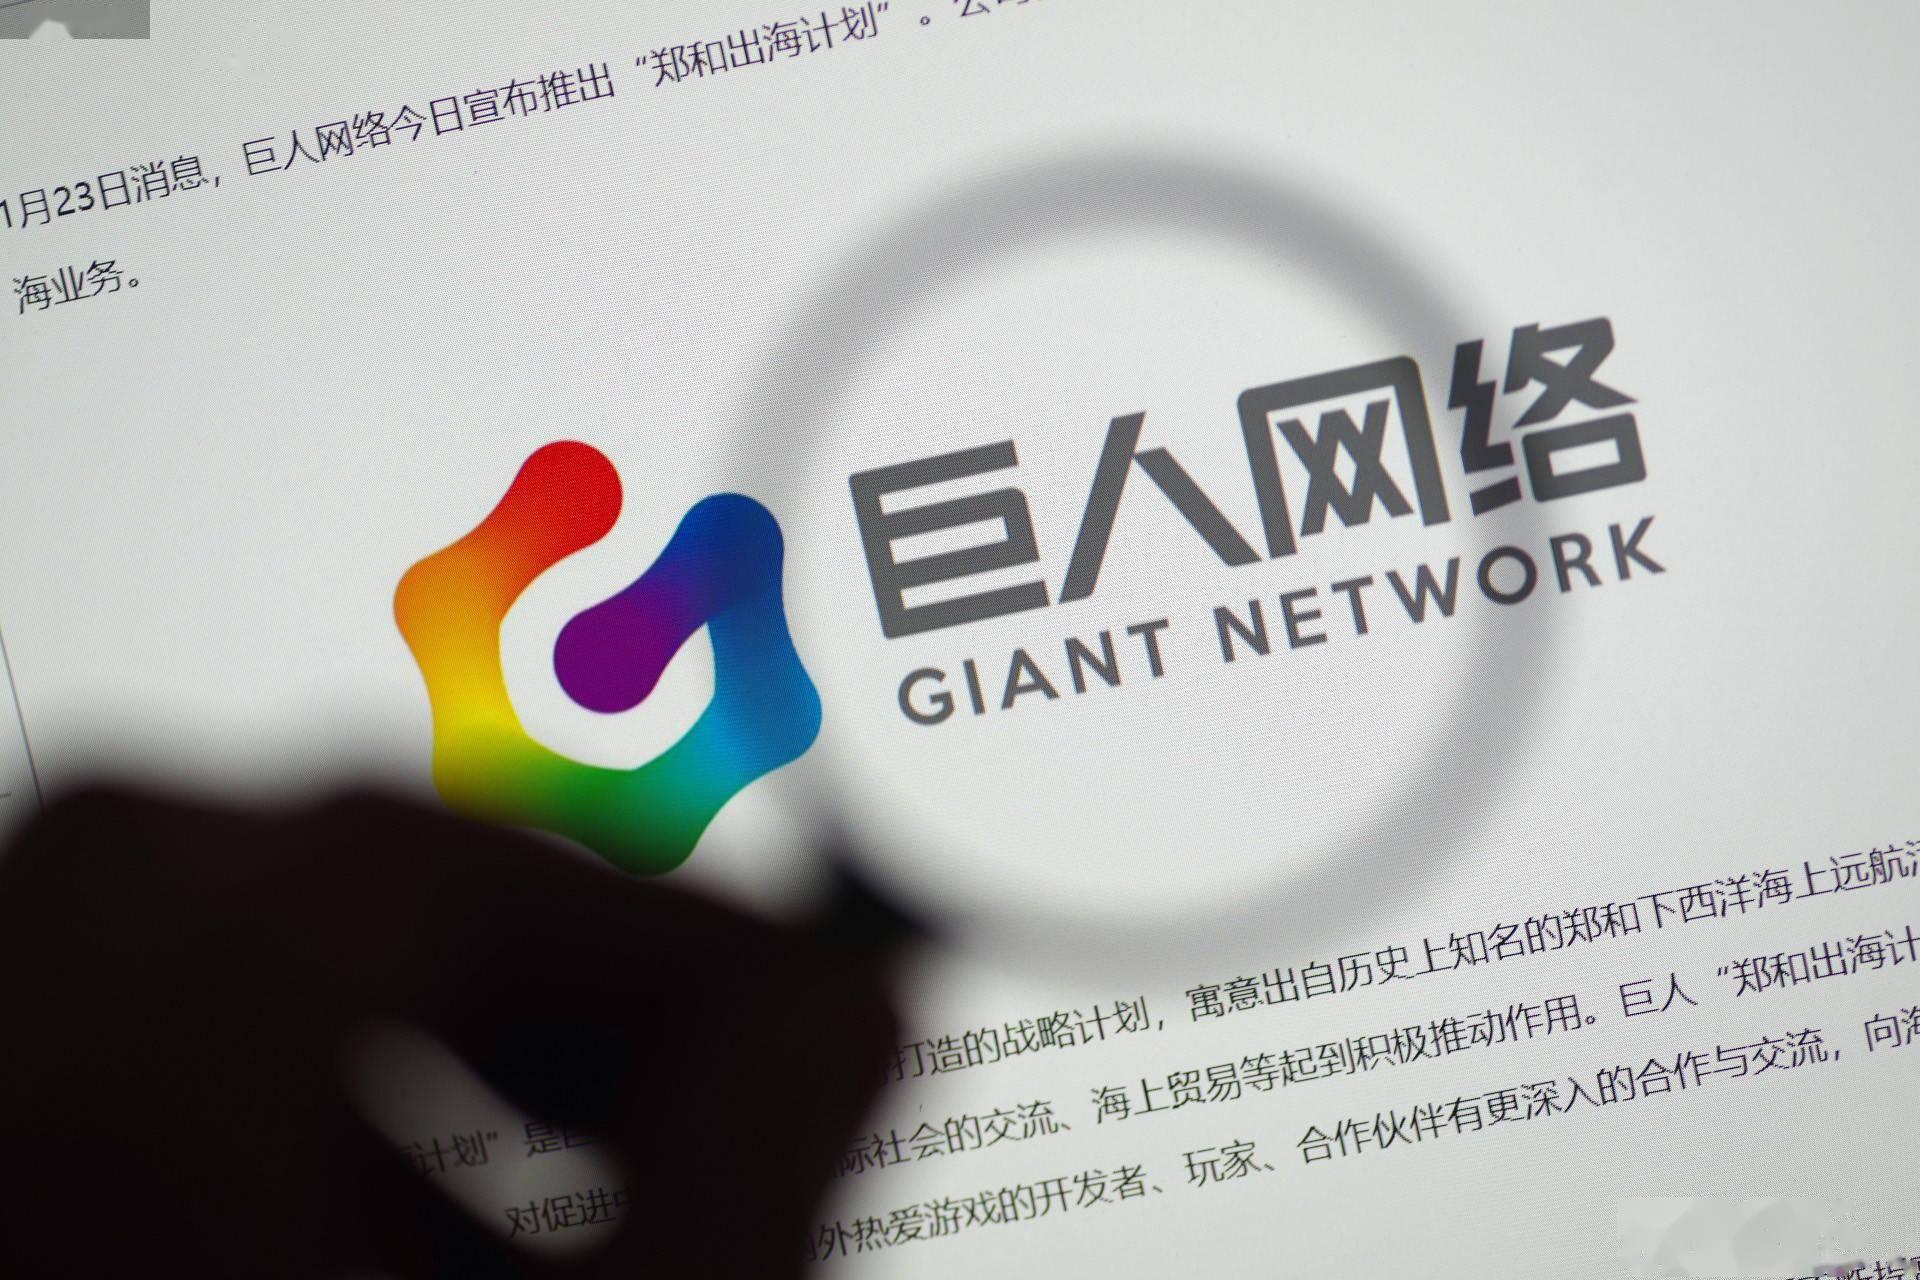 巨人网络拟现金收购淘米集团72.81%股权,后者为《摩尔庄园》研发商